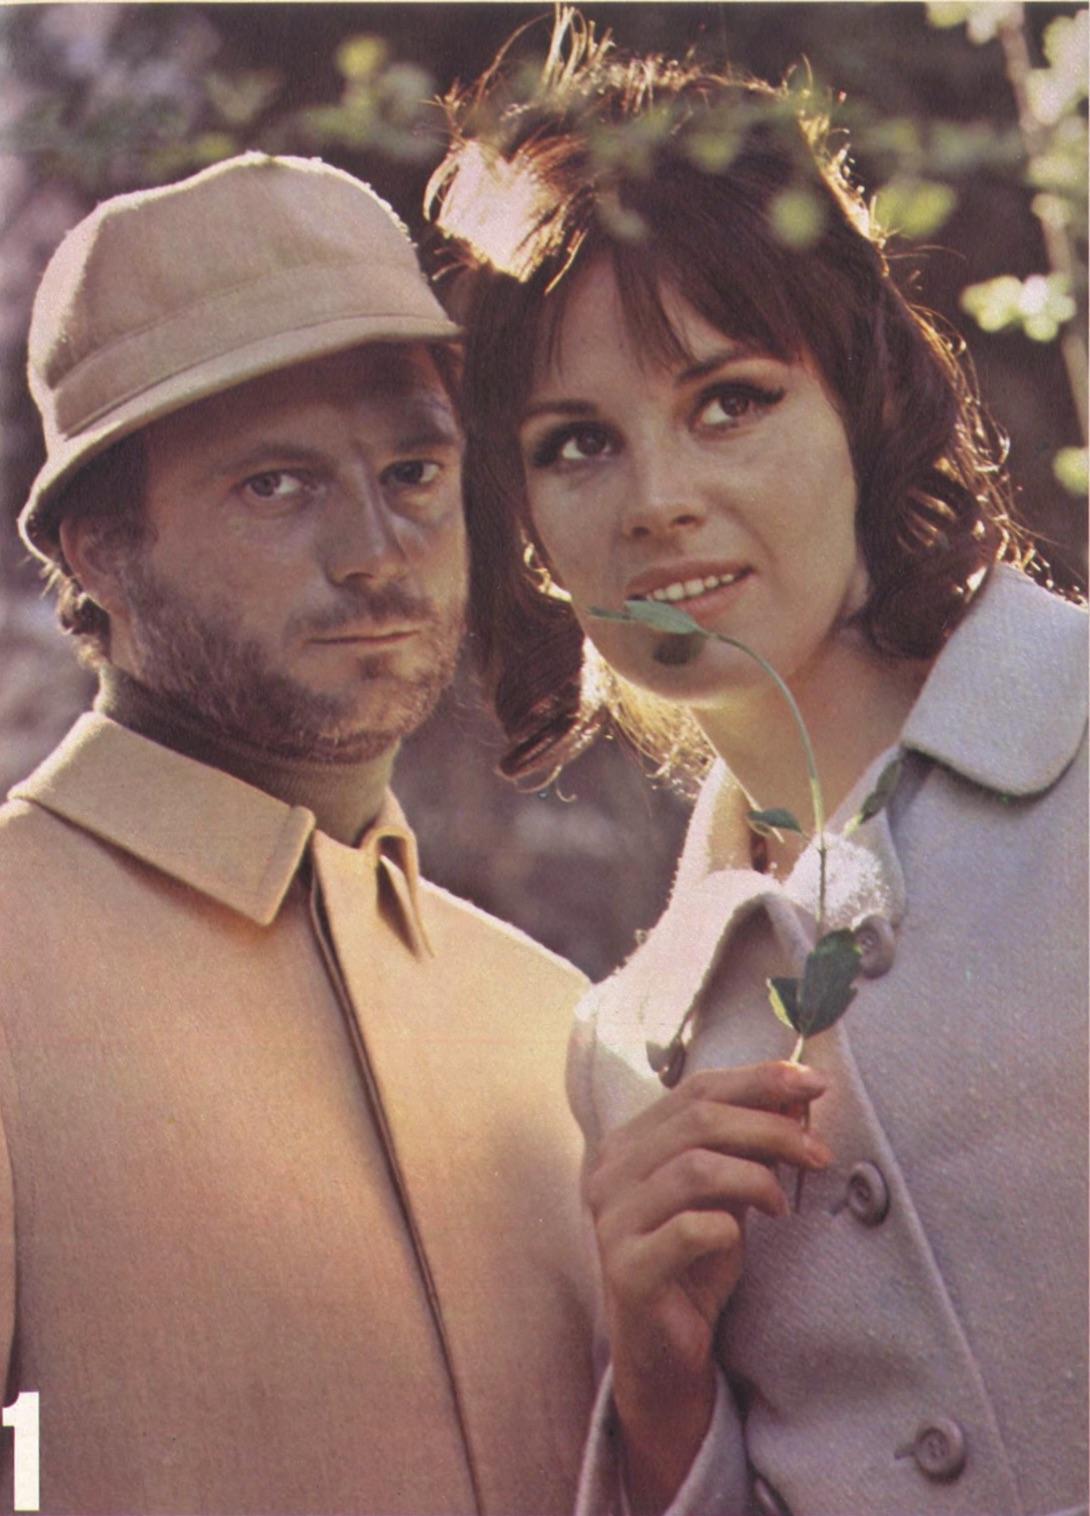 Franco Interlenghi e Antonella Lualdi posano in un servizio fotografico per la rivista Playmen, 1968